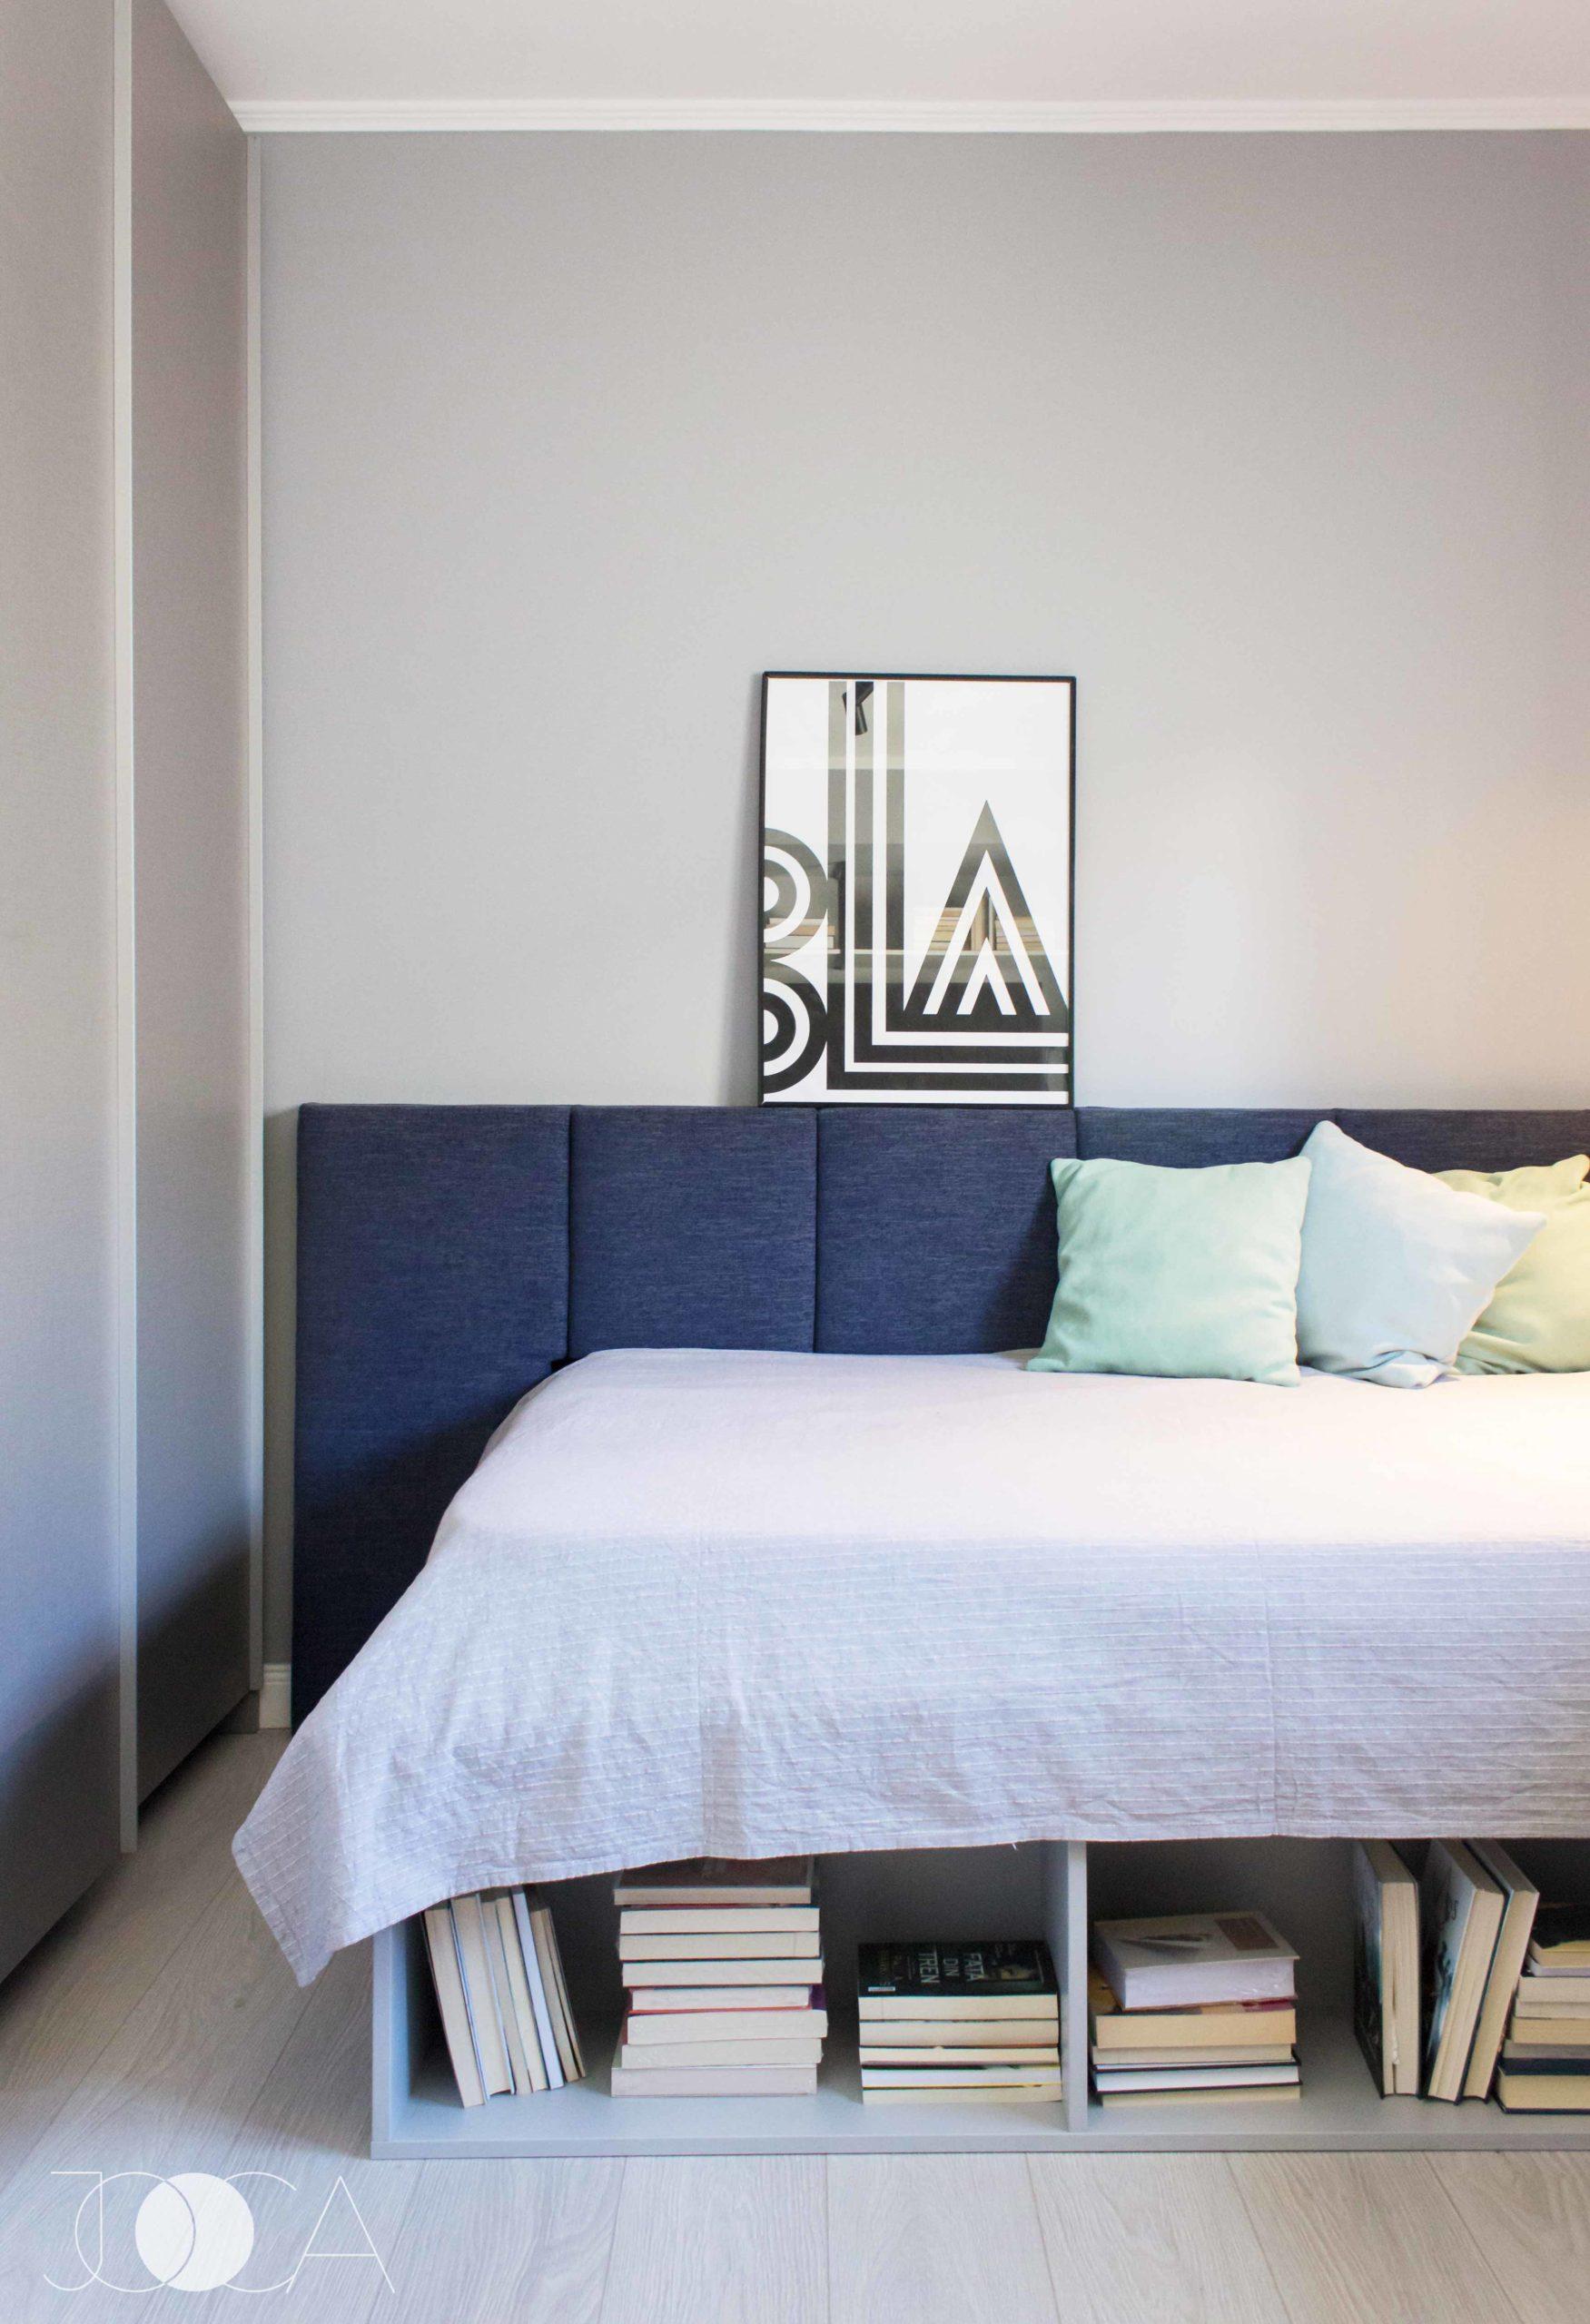 Cadrul patului are si spatiu de depozitare pentru carti. Tablia patului se continua si pe peretele lateral, pana la dressing.